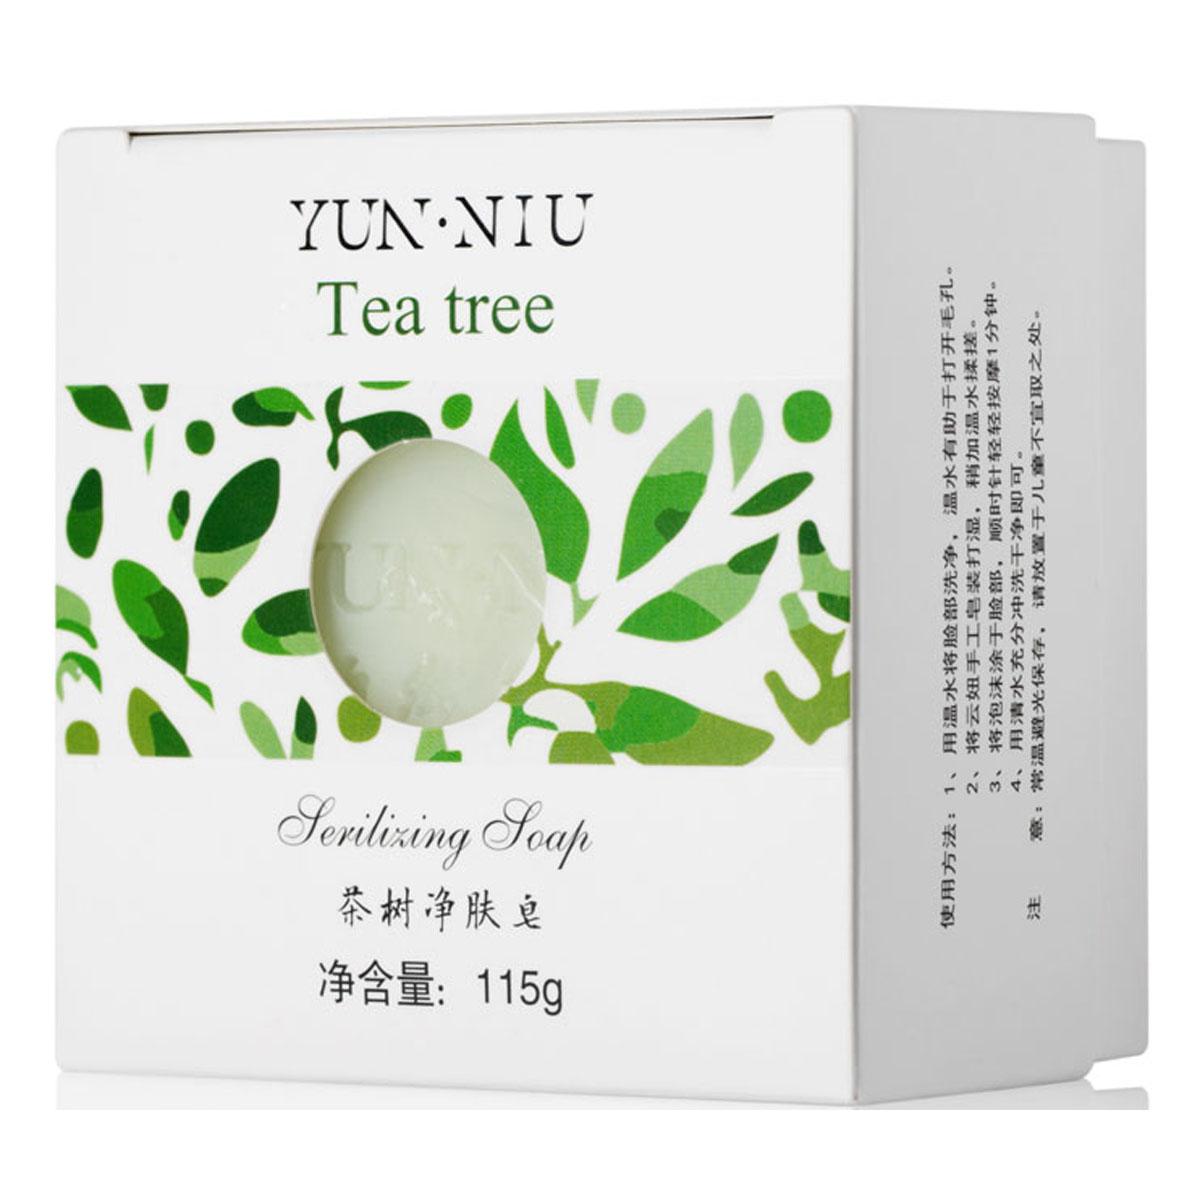 Yun-Niu Натуральное мыло с маслом чайного дерева, 115 грMP59.4DЕжедневный уход за проблемной и воспаленной кожей. Благодаря бактерицидным и антисептическим свойства чайного дерева это мыло убивает болезнетворные бактерии и микробы без вреда для кожи. Мыло с экстрактом чайного дерева YUN-NIU (юн-ню, юнню) предназначено для ежедневного ухода за проблемной и воспаленной кожей.В состав мыла входит экстракт и масло чайного дерева, которое обладает следующими свойствами: бактерицидными, противогрибковыми, антисептическими, противовоспалительными, аромотерапическими.